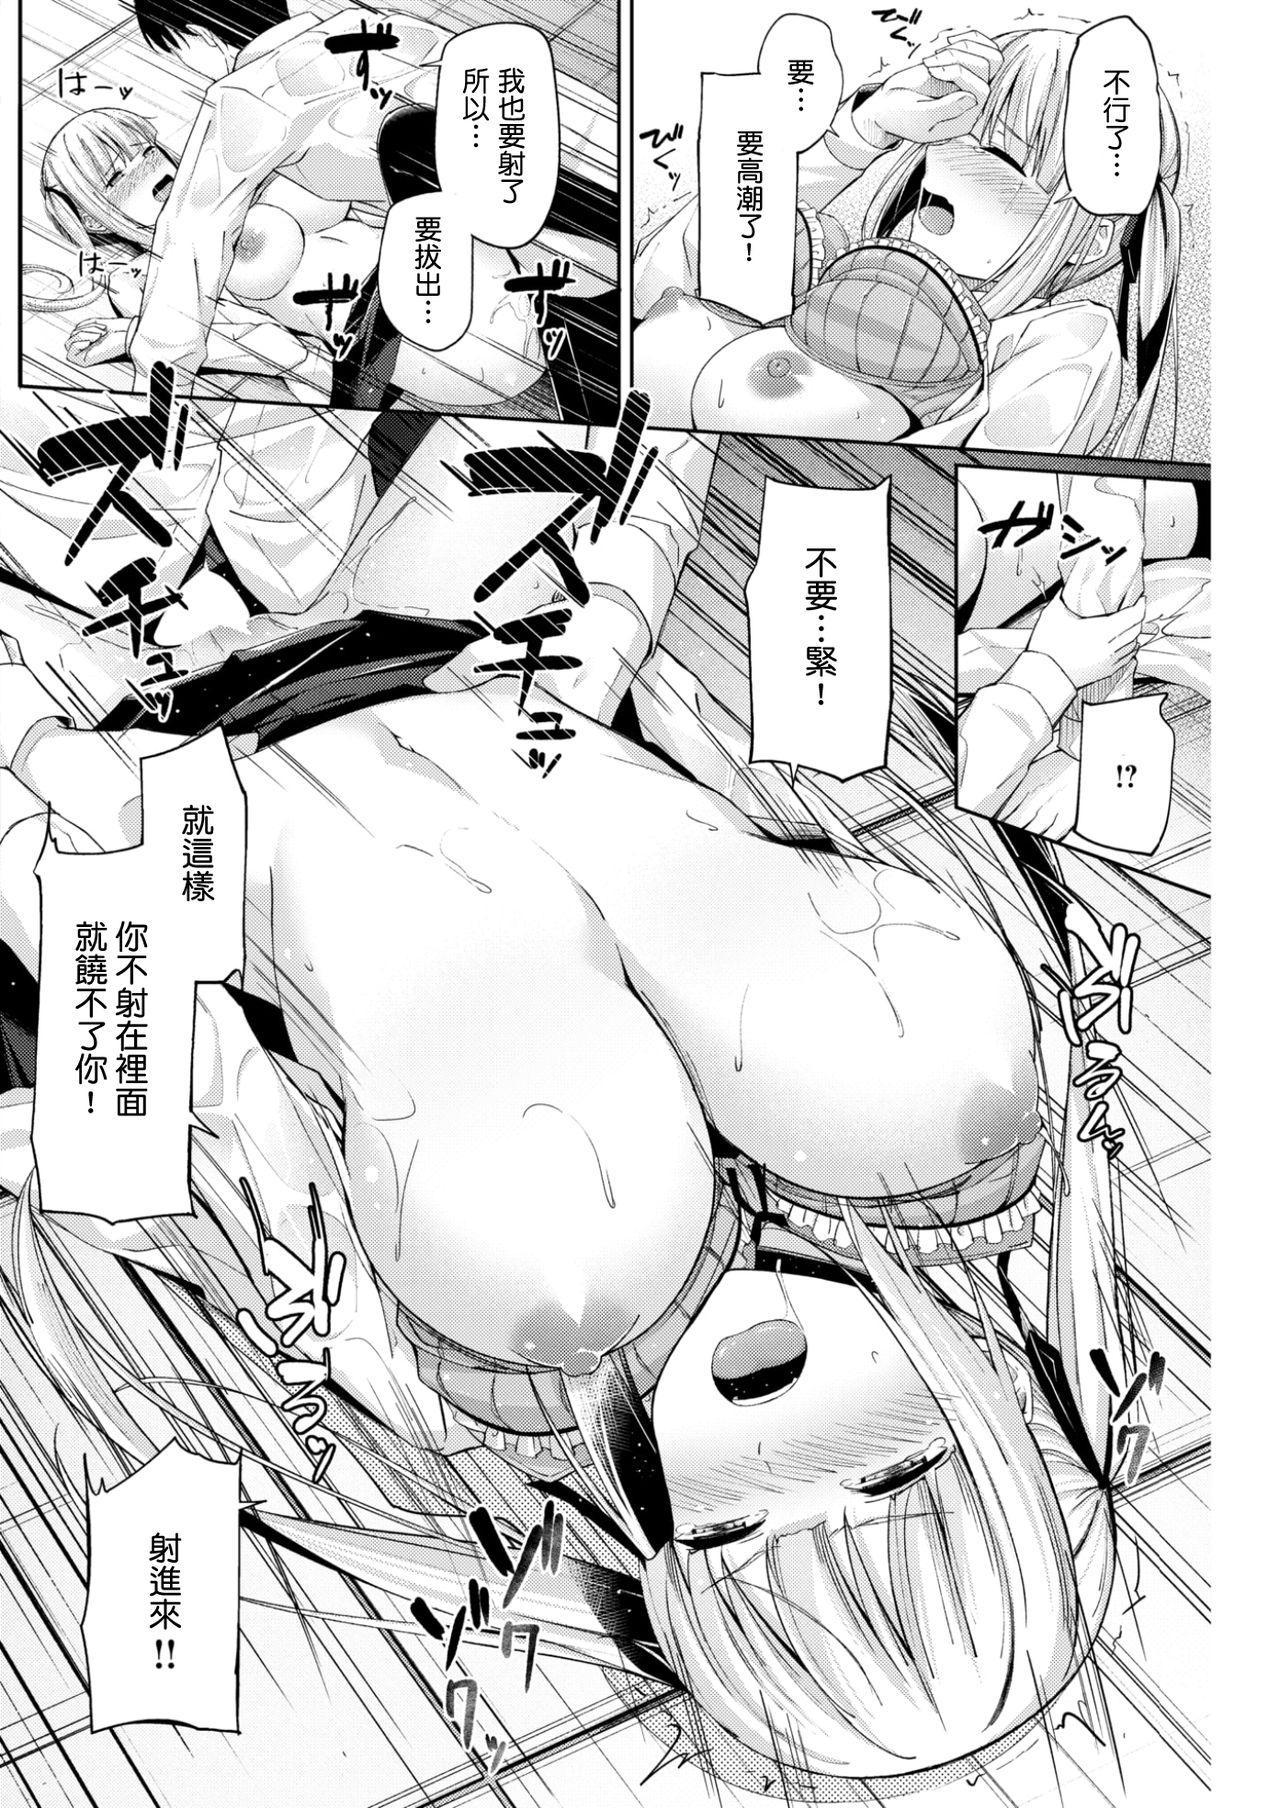 Hoshi Furu Yozora o Miru Mae ni 15